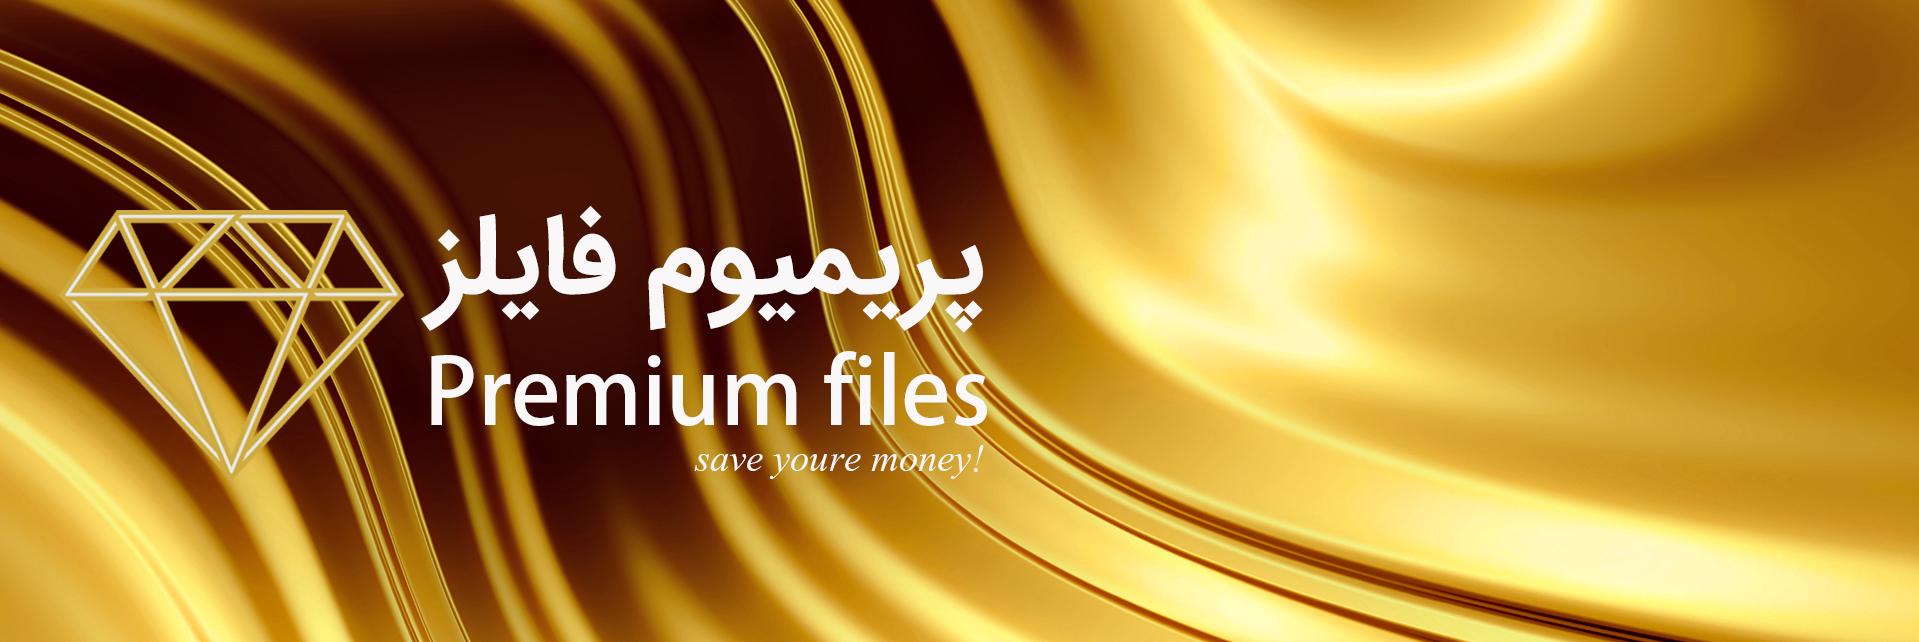 premium files